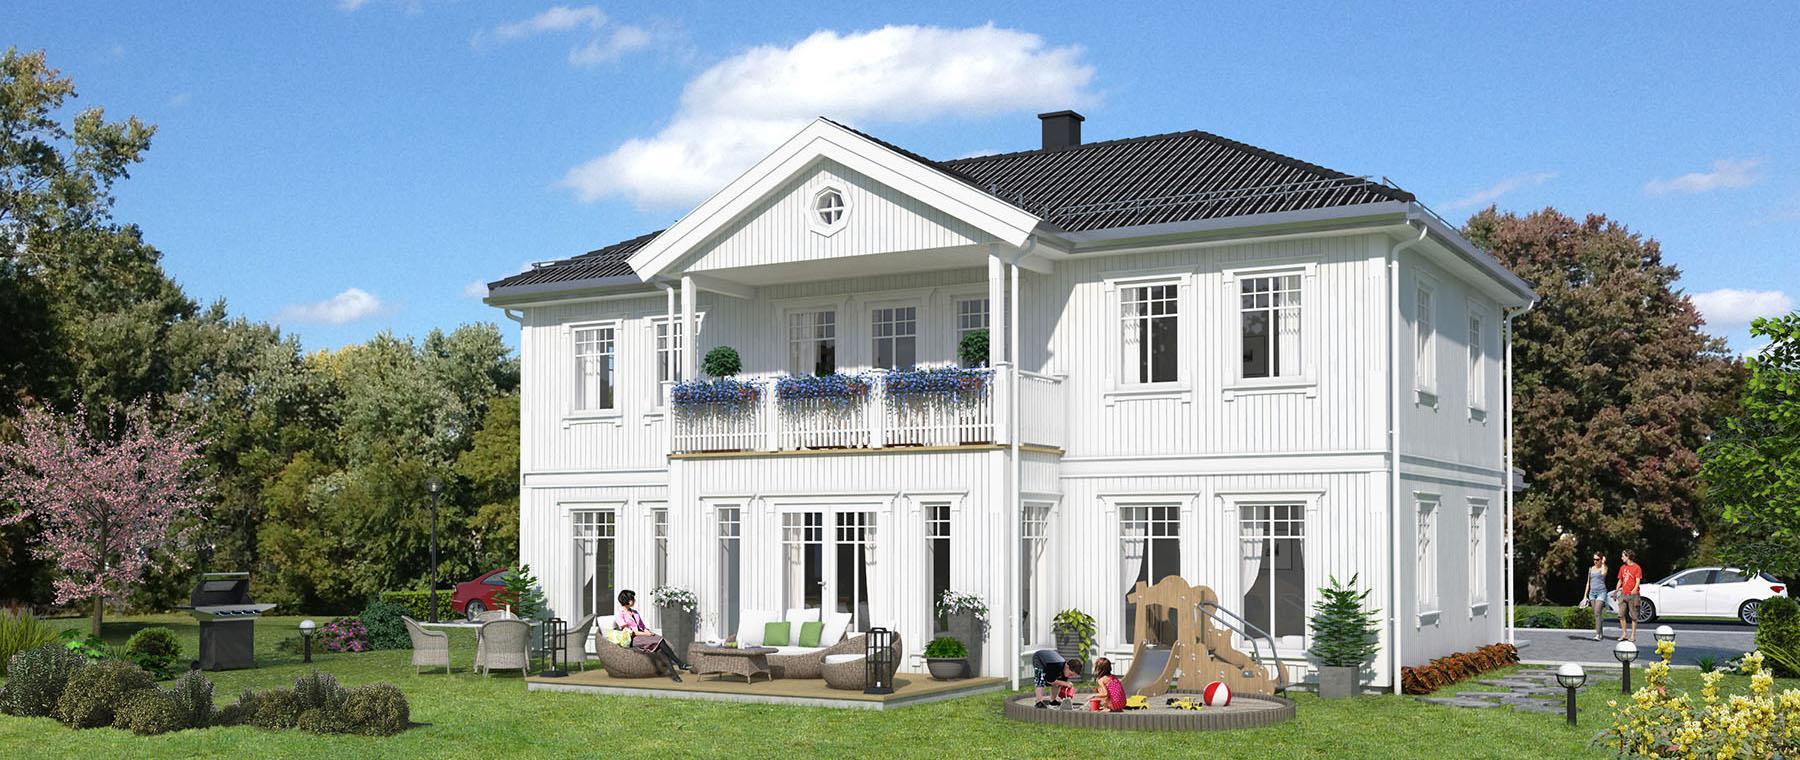 Hus 1 Norge Herregårds - serien Vågsfjord eksteriør